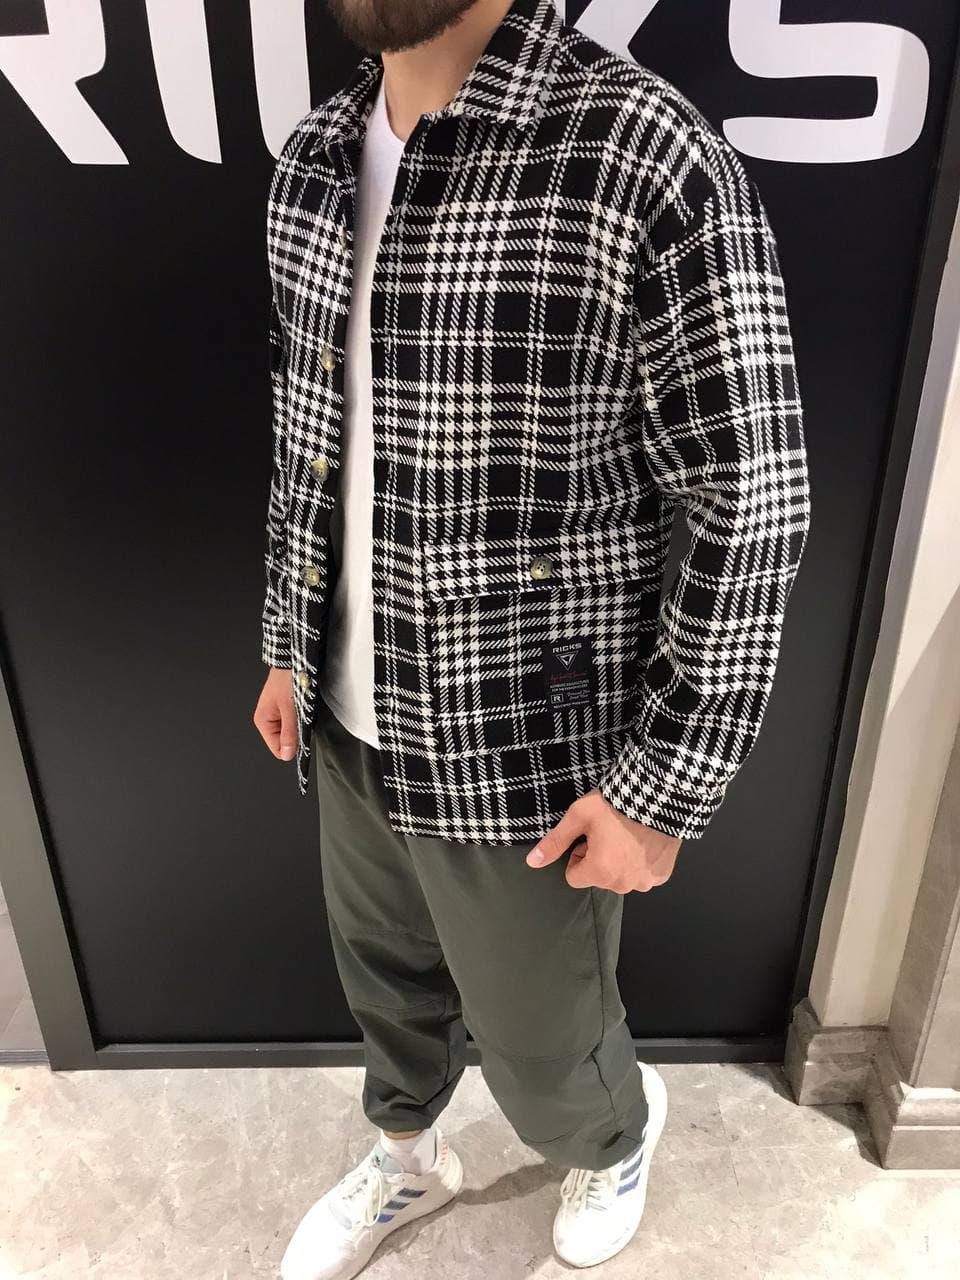 Мужская рубашка байковая оверсайз (черно-белая) стильная качественная А0709-4